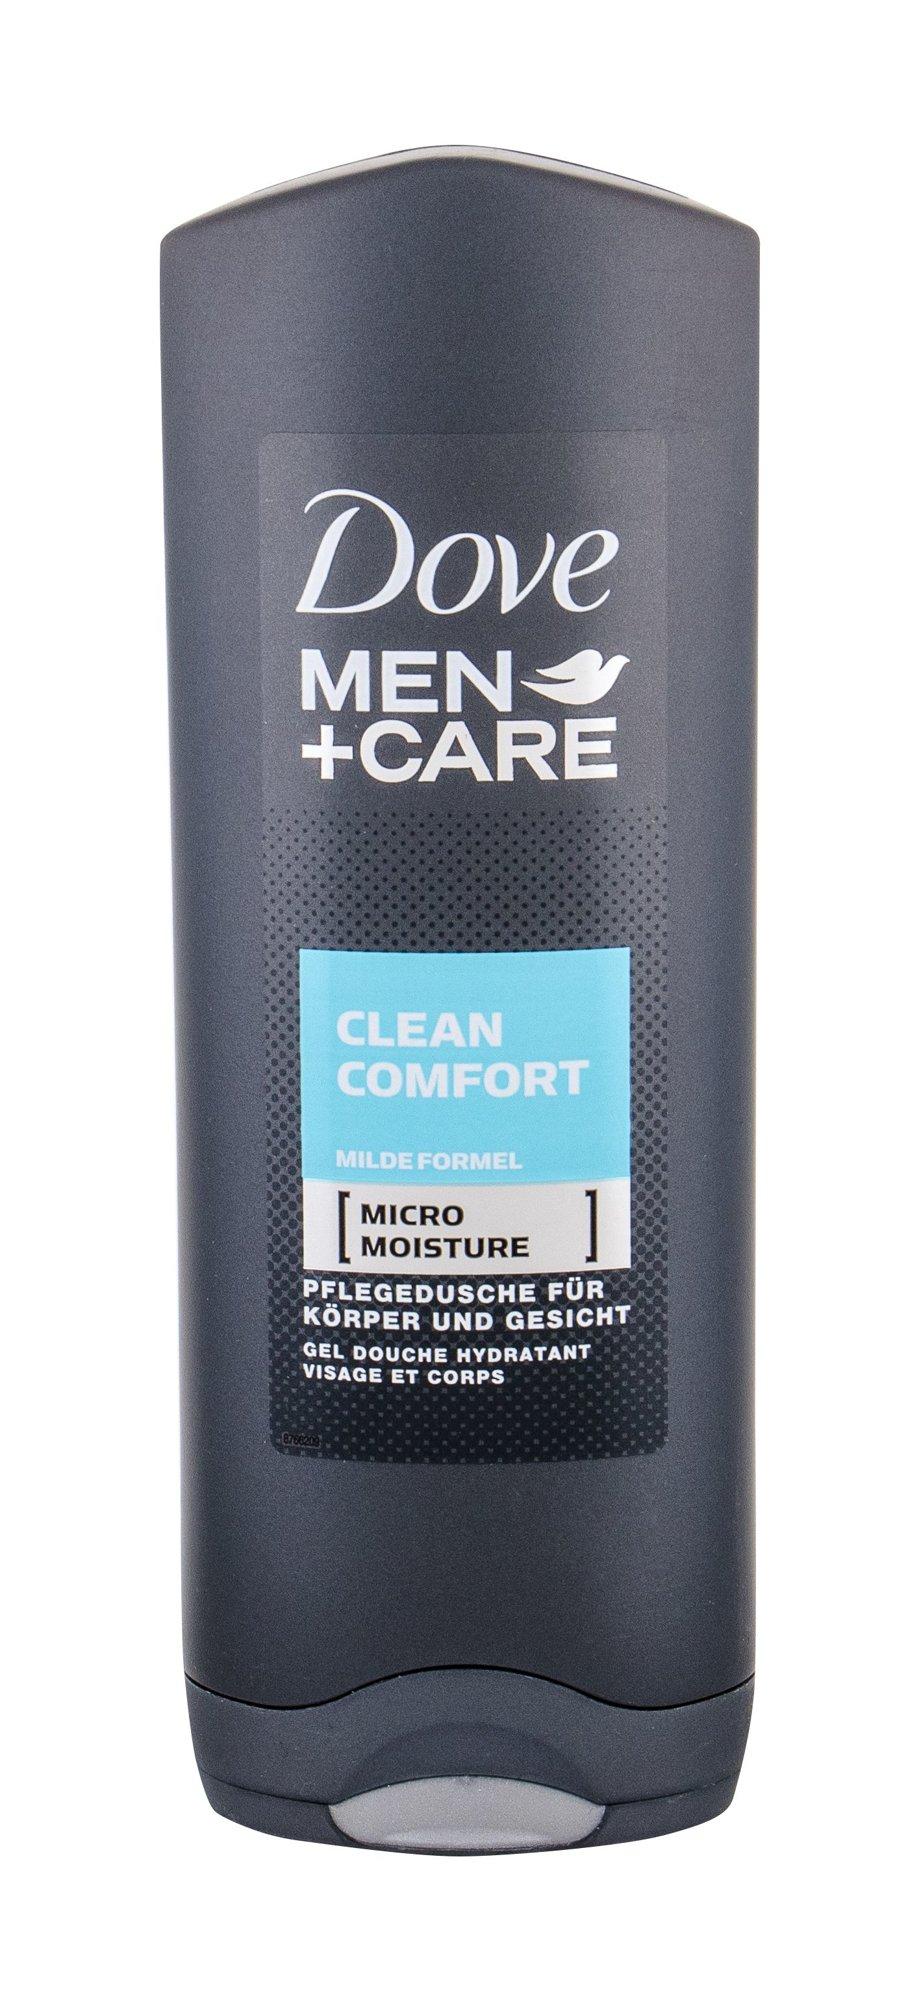 Dove Men + Care Shower Gel 250ml